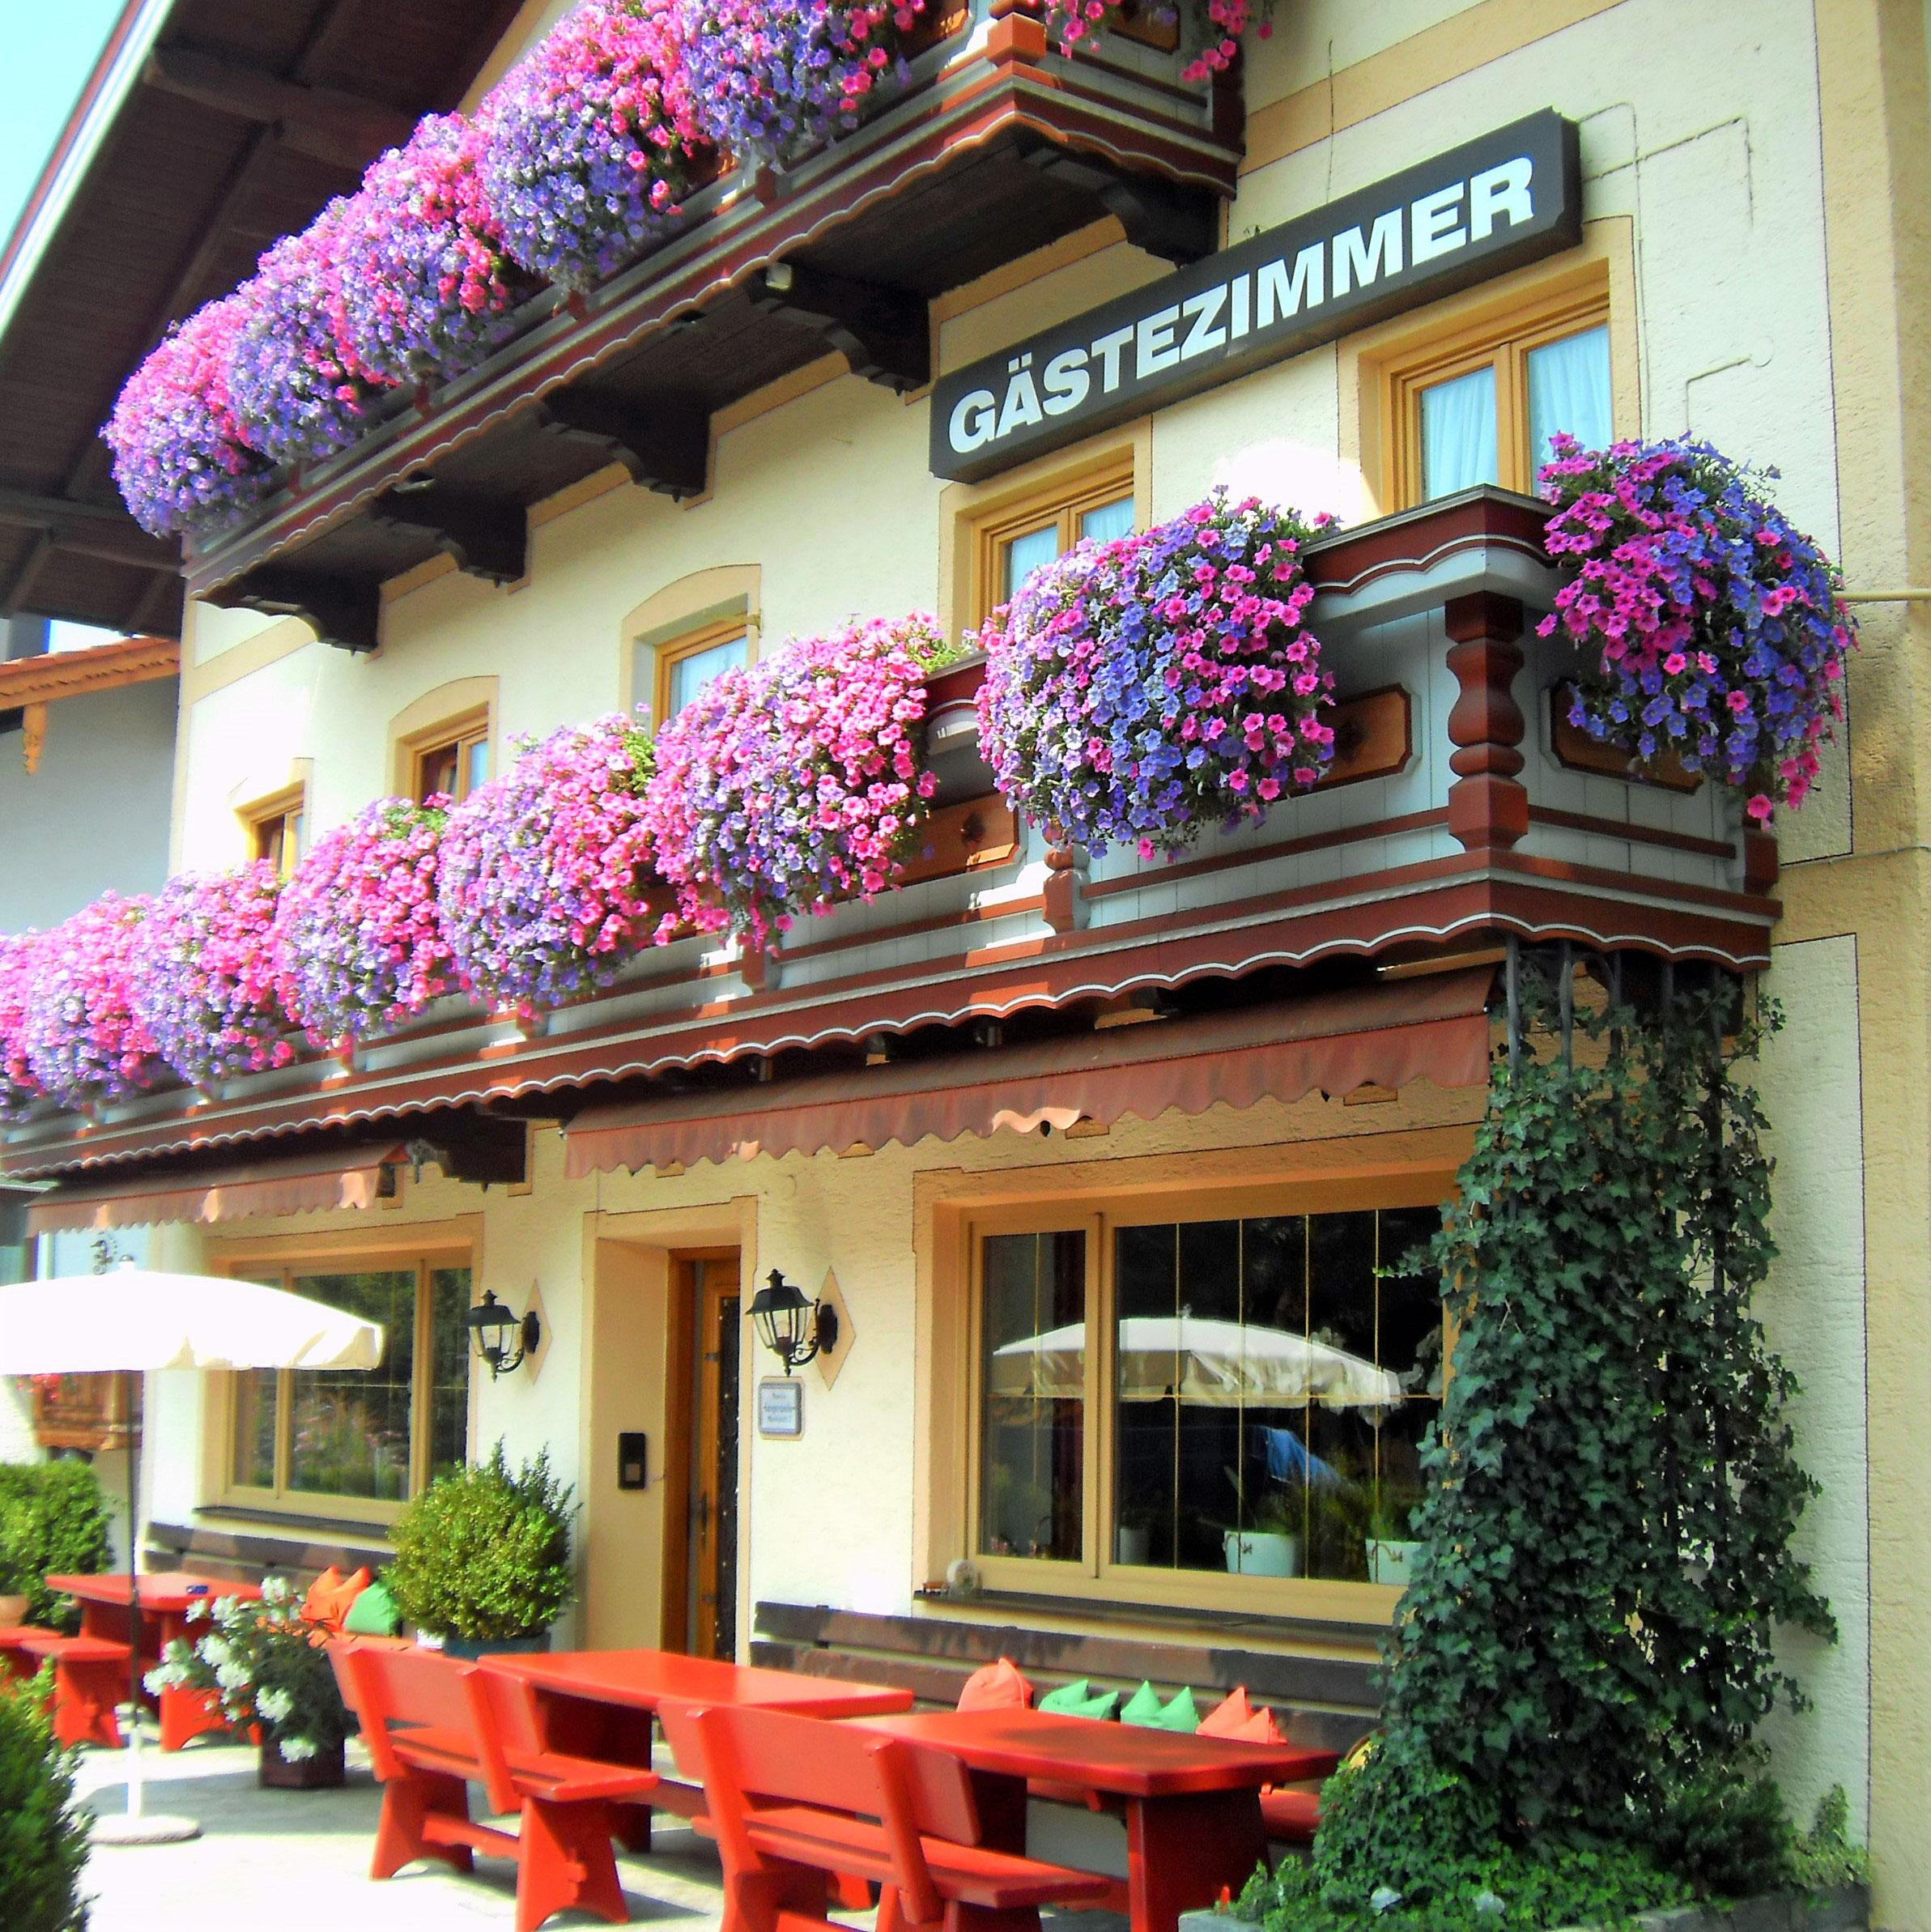 Haus Seeblick Hotel Garni Ferienwohnungen: Pension Langerspacher Chiemsee Hotel Grabenstätt Zimmer